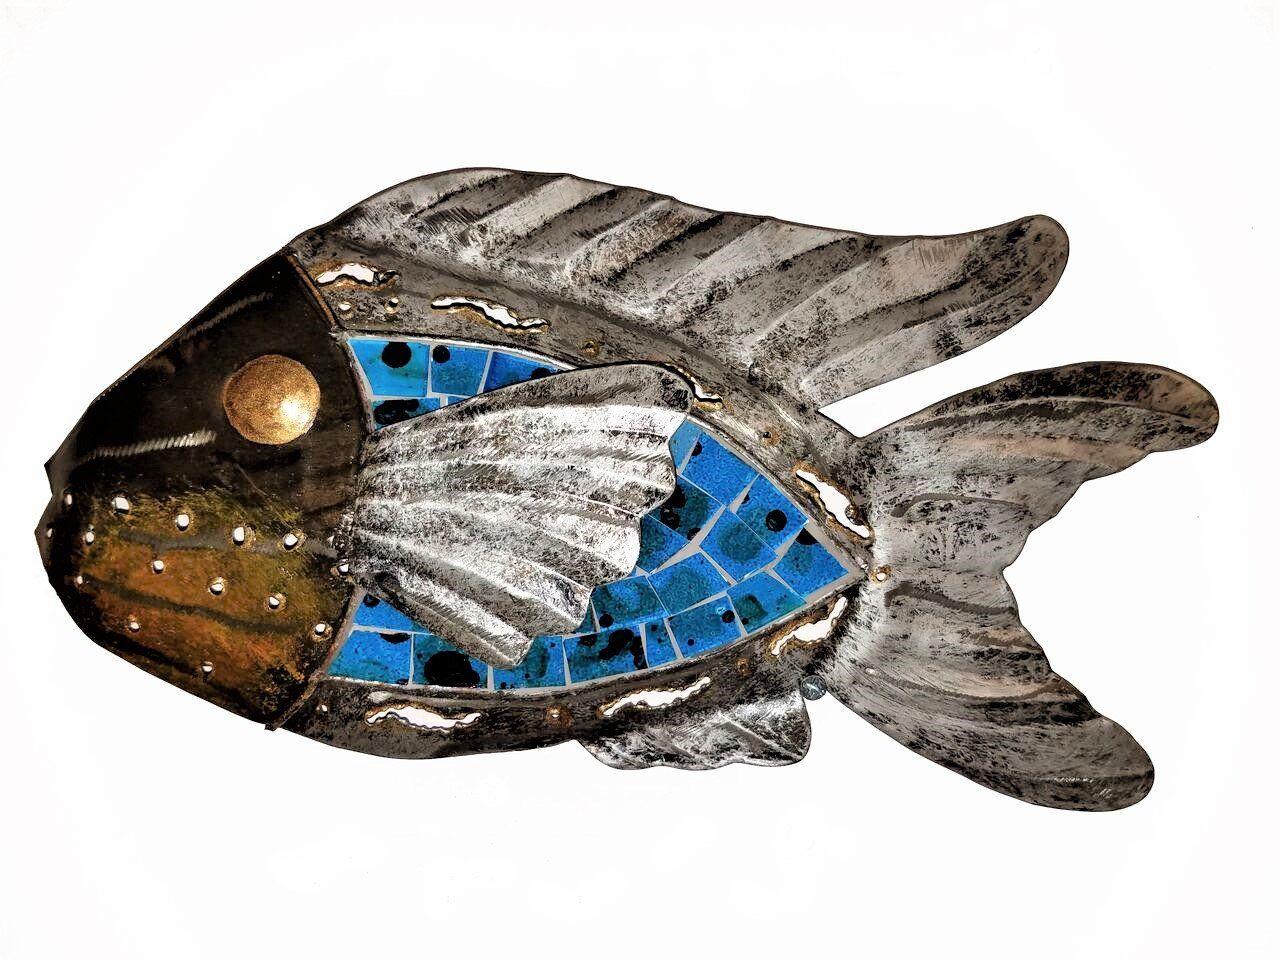 Handchiseled tropical metal art wall decor fish with unique aqua